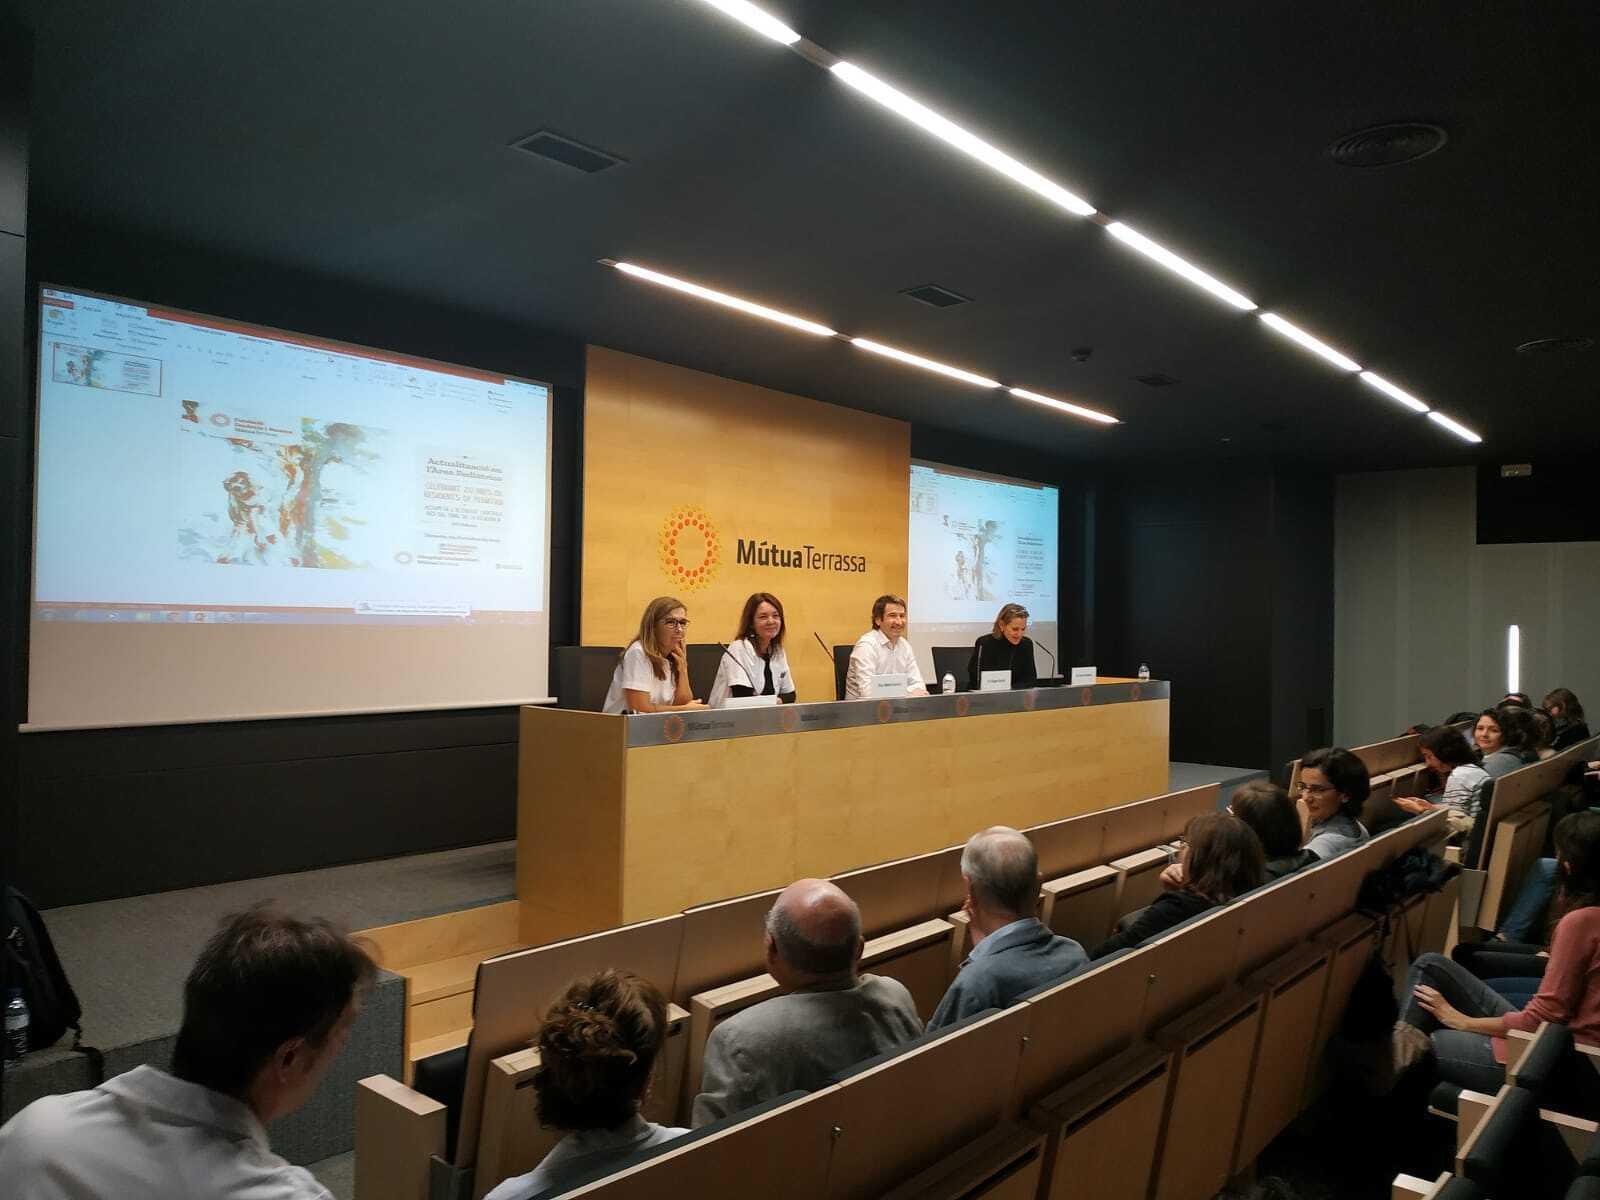 Taula d'inauguració amb Dra. Alicia Mirada, Dra. Marta Garcia, Dr. Roger Garcia i Dra. Rosa Puigarnau